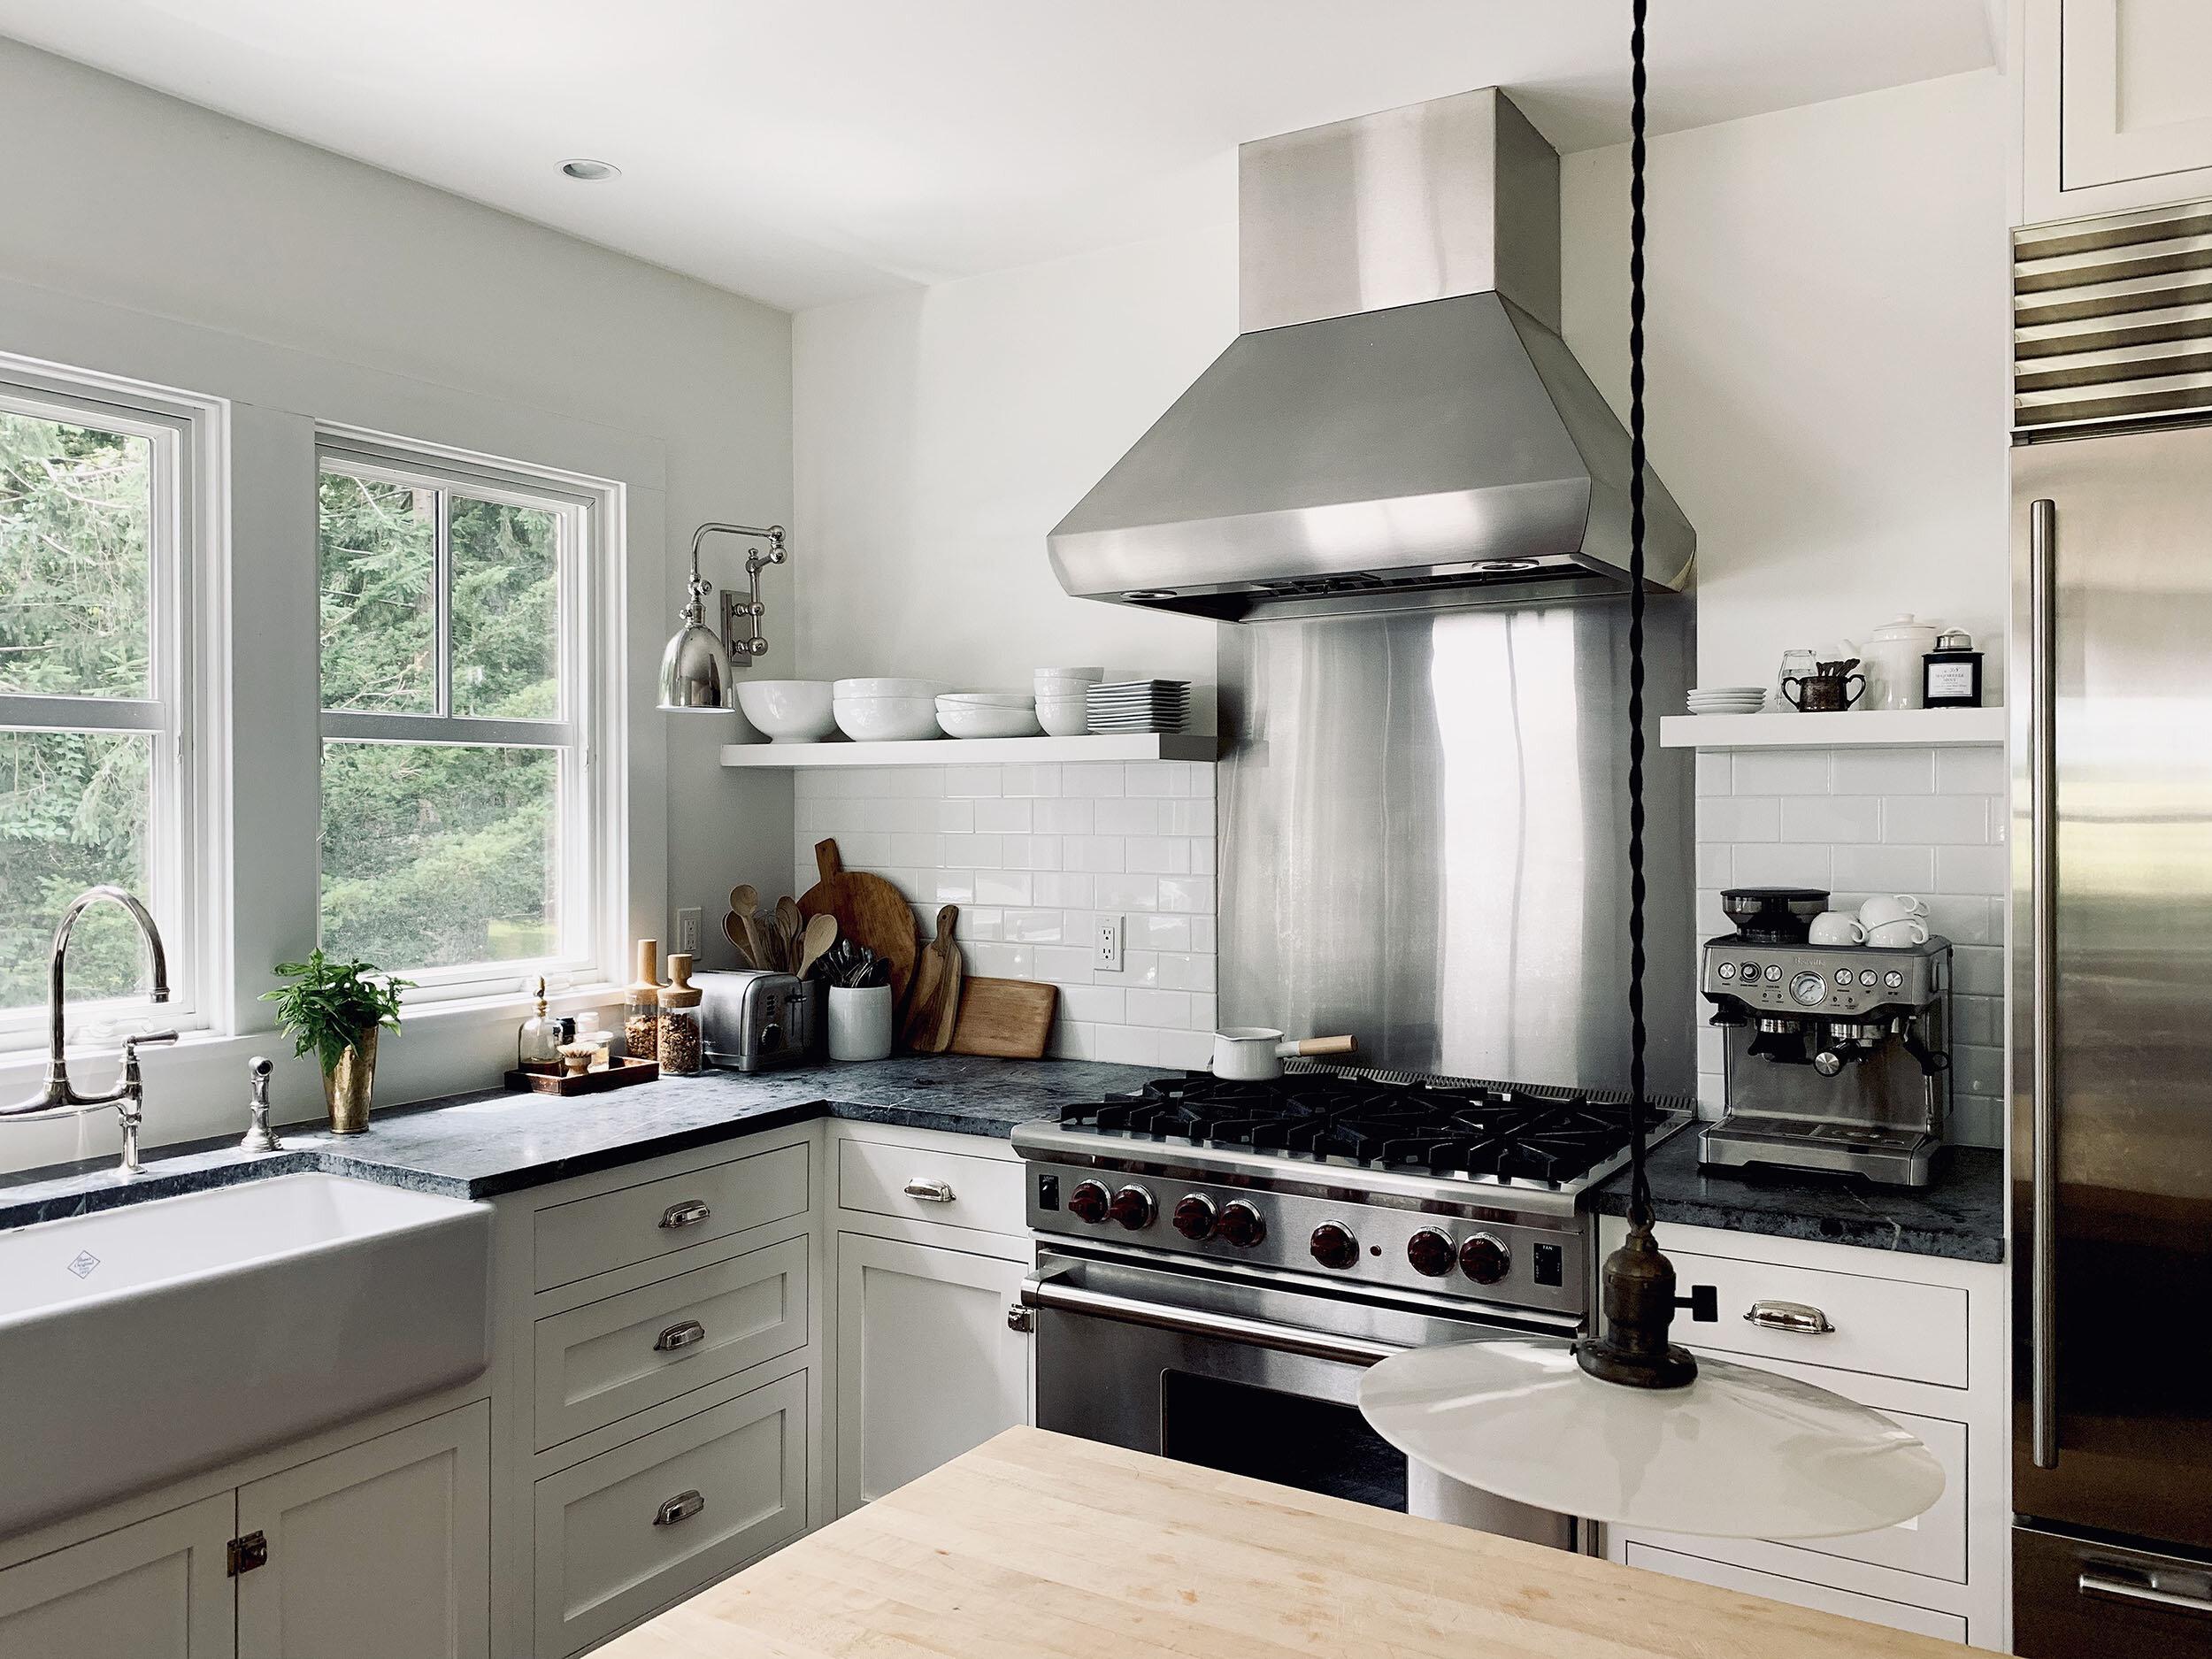 NP_kitchen_1.jpg